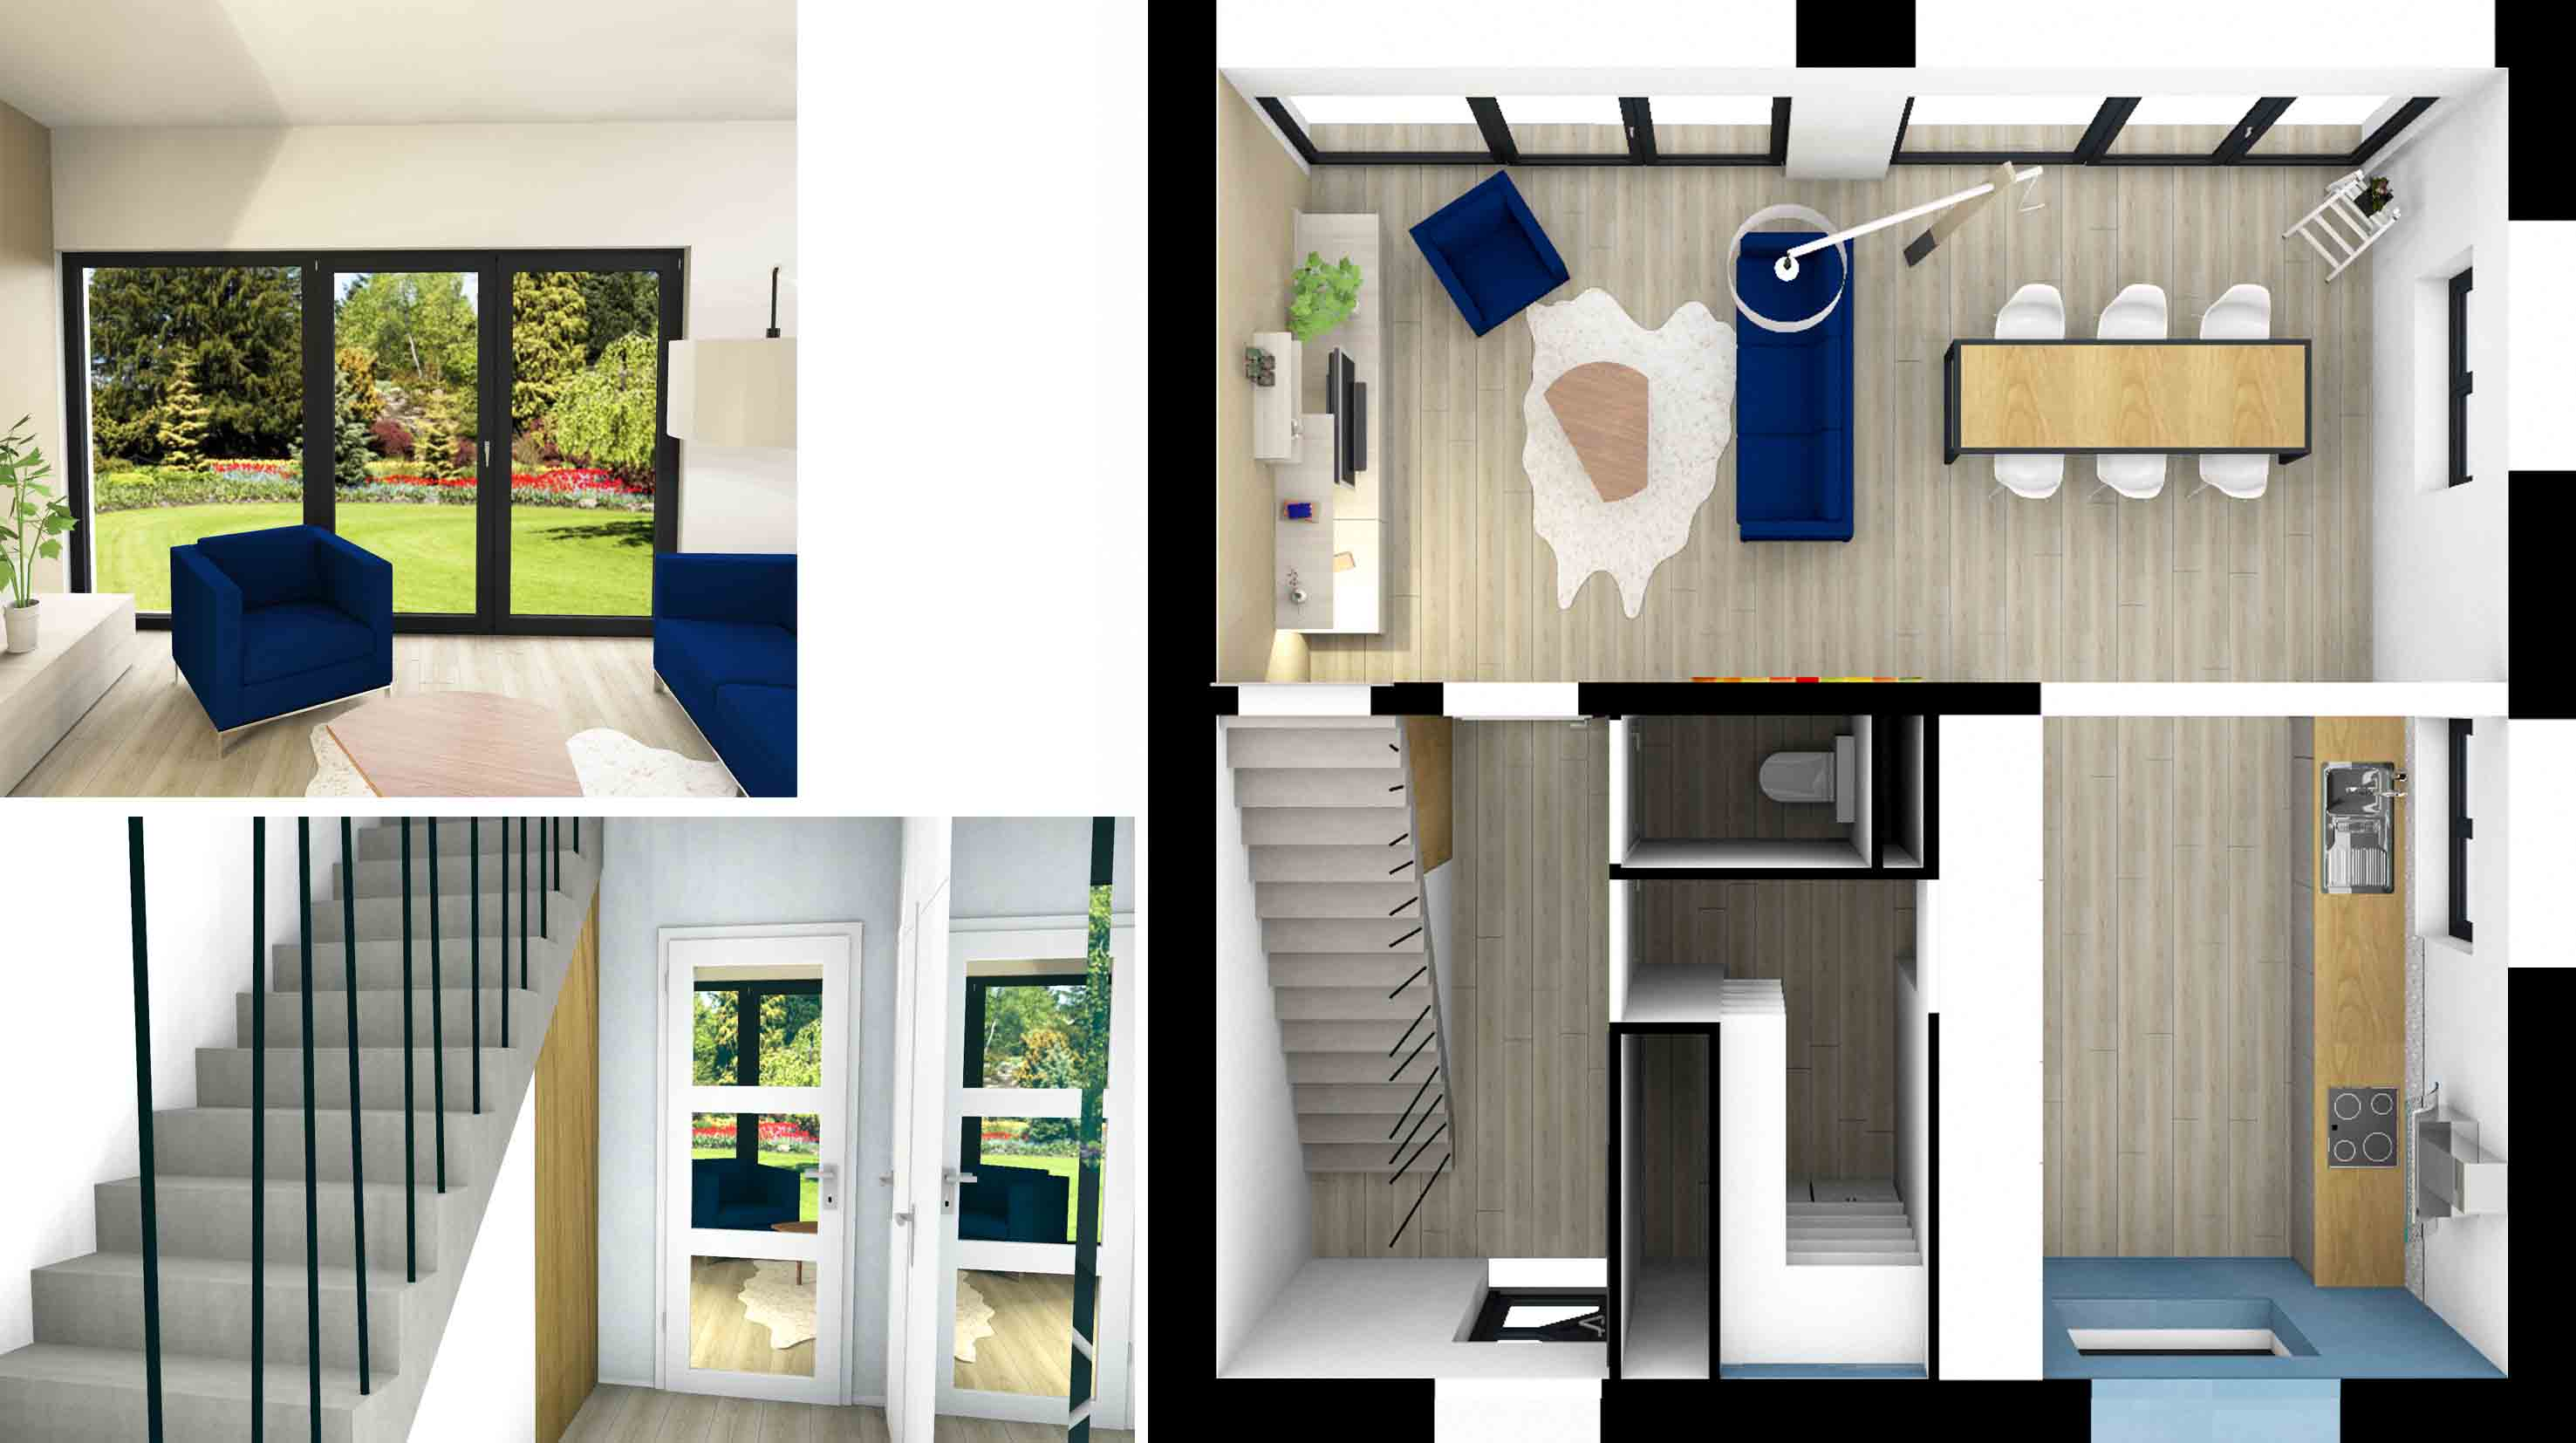 Maison promoteur boddaert interieur architecte for Promoteur maison